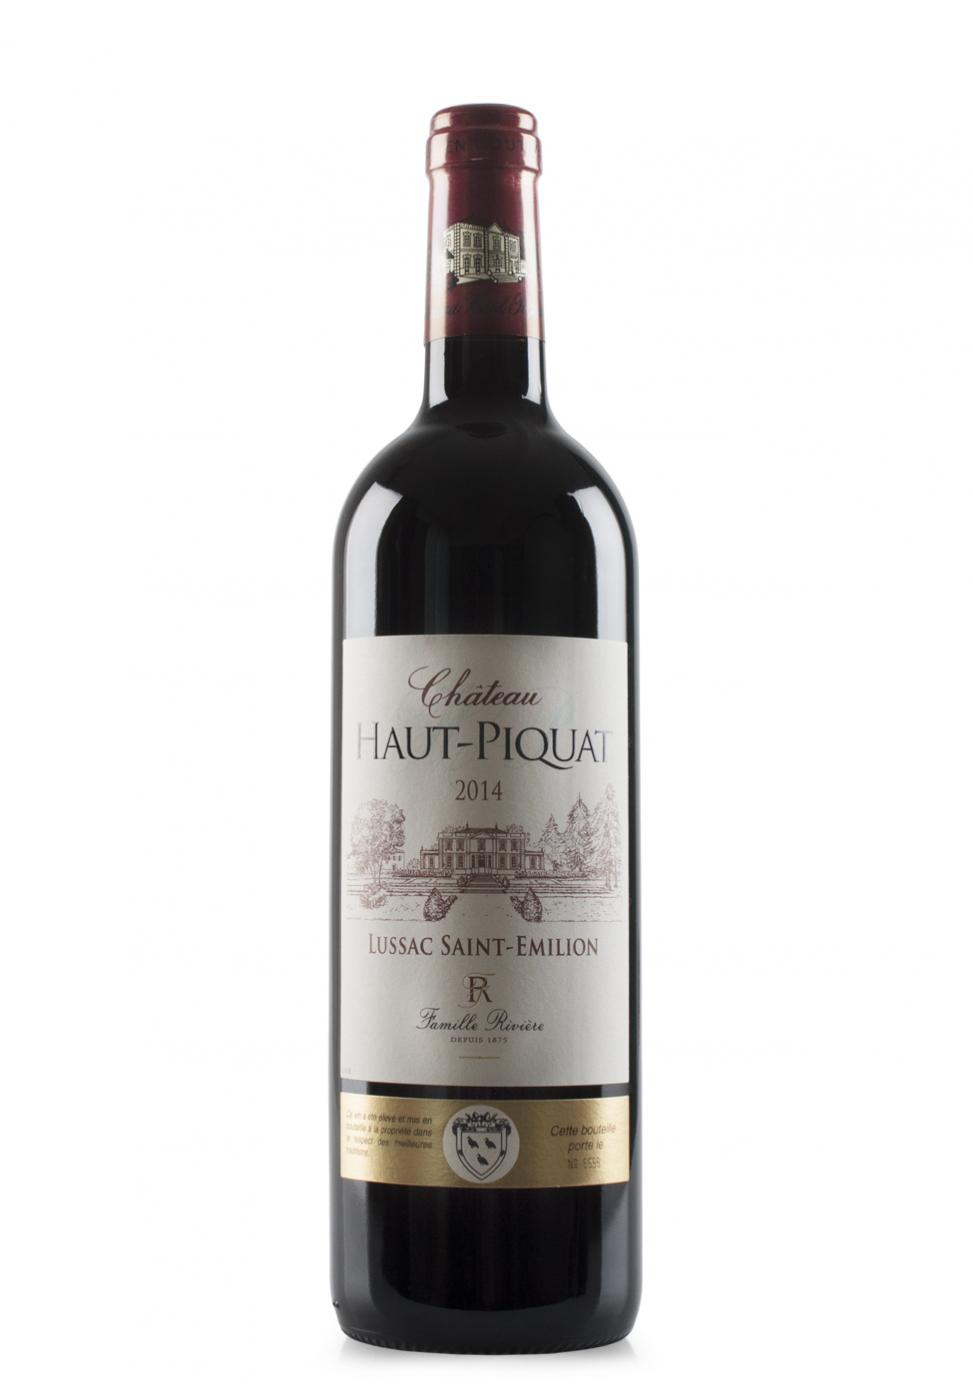 Vin Château Haut-Piquat, Lussac Saint-Emilion, 2014 (0.75L)